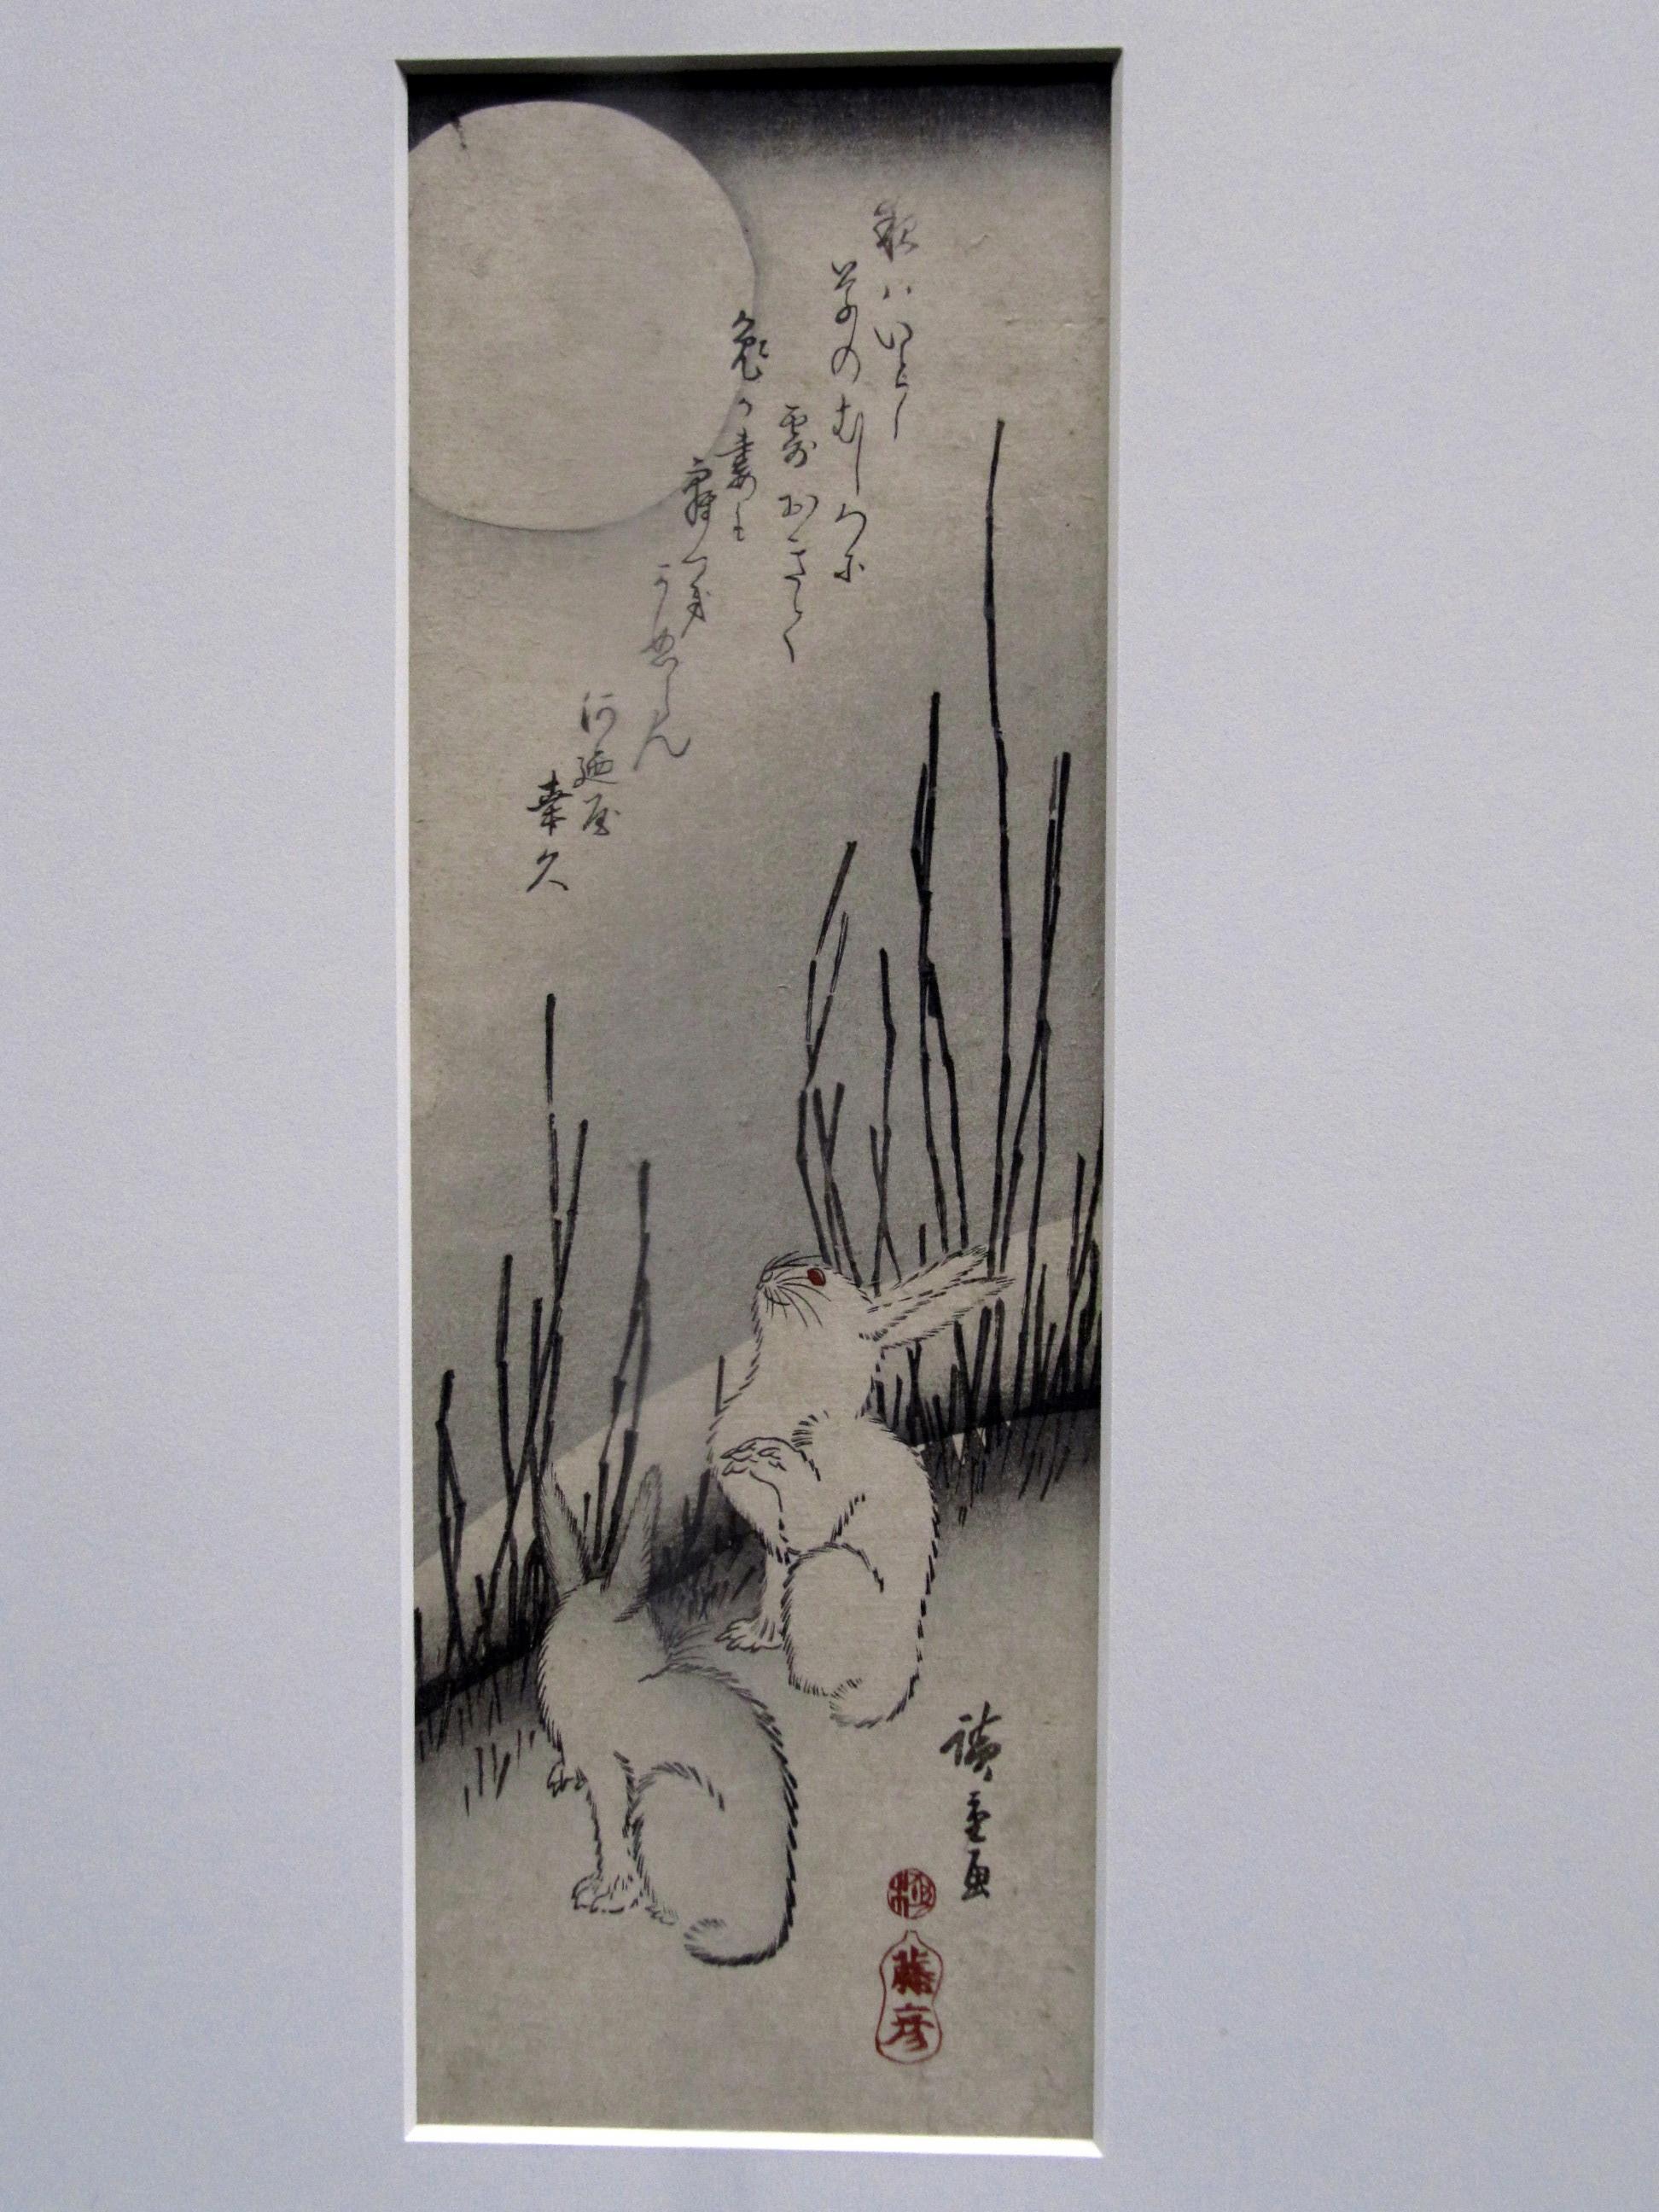 観劇ついでに新春の上野公園(3)東京国立博物館に初もうで───美術の中の陽気なウサギたち